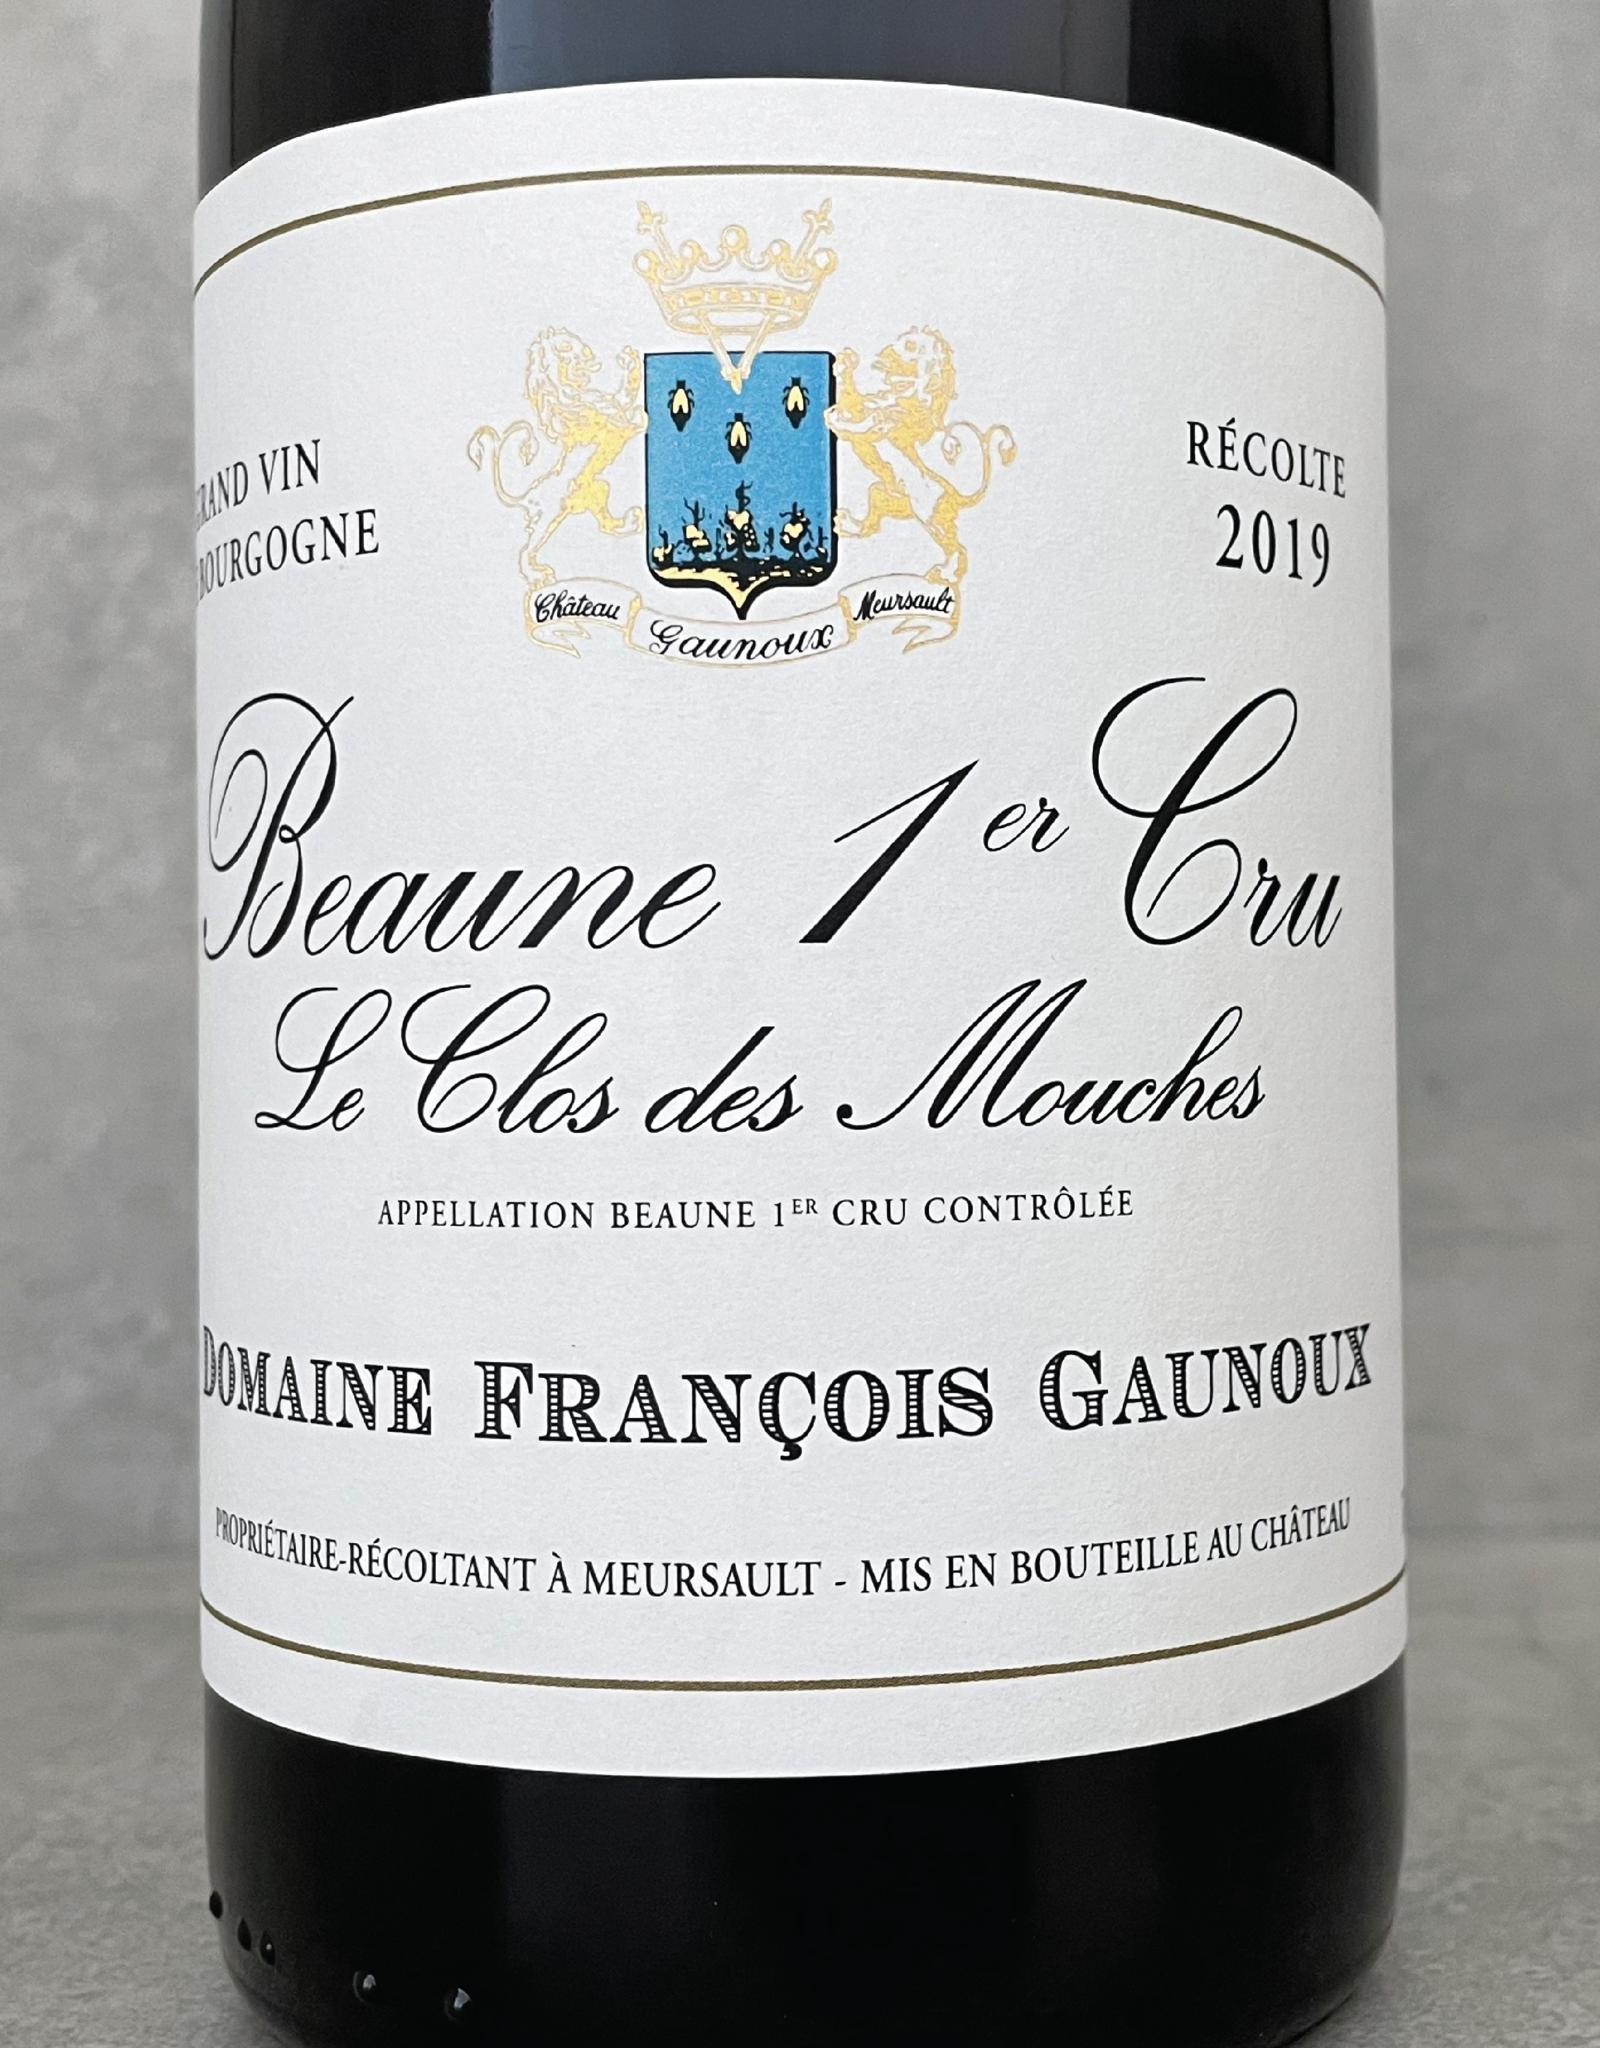 François Gaunoux Beaune 1er Cru Le Clos des Mouches 1998